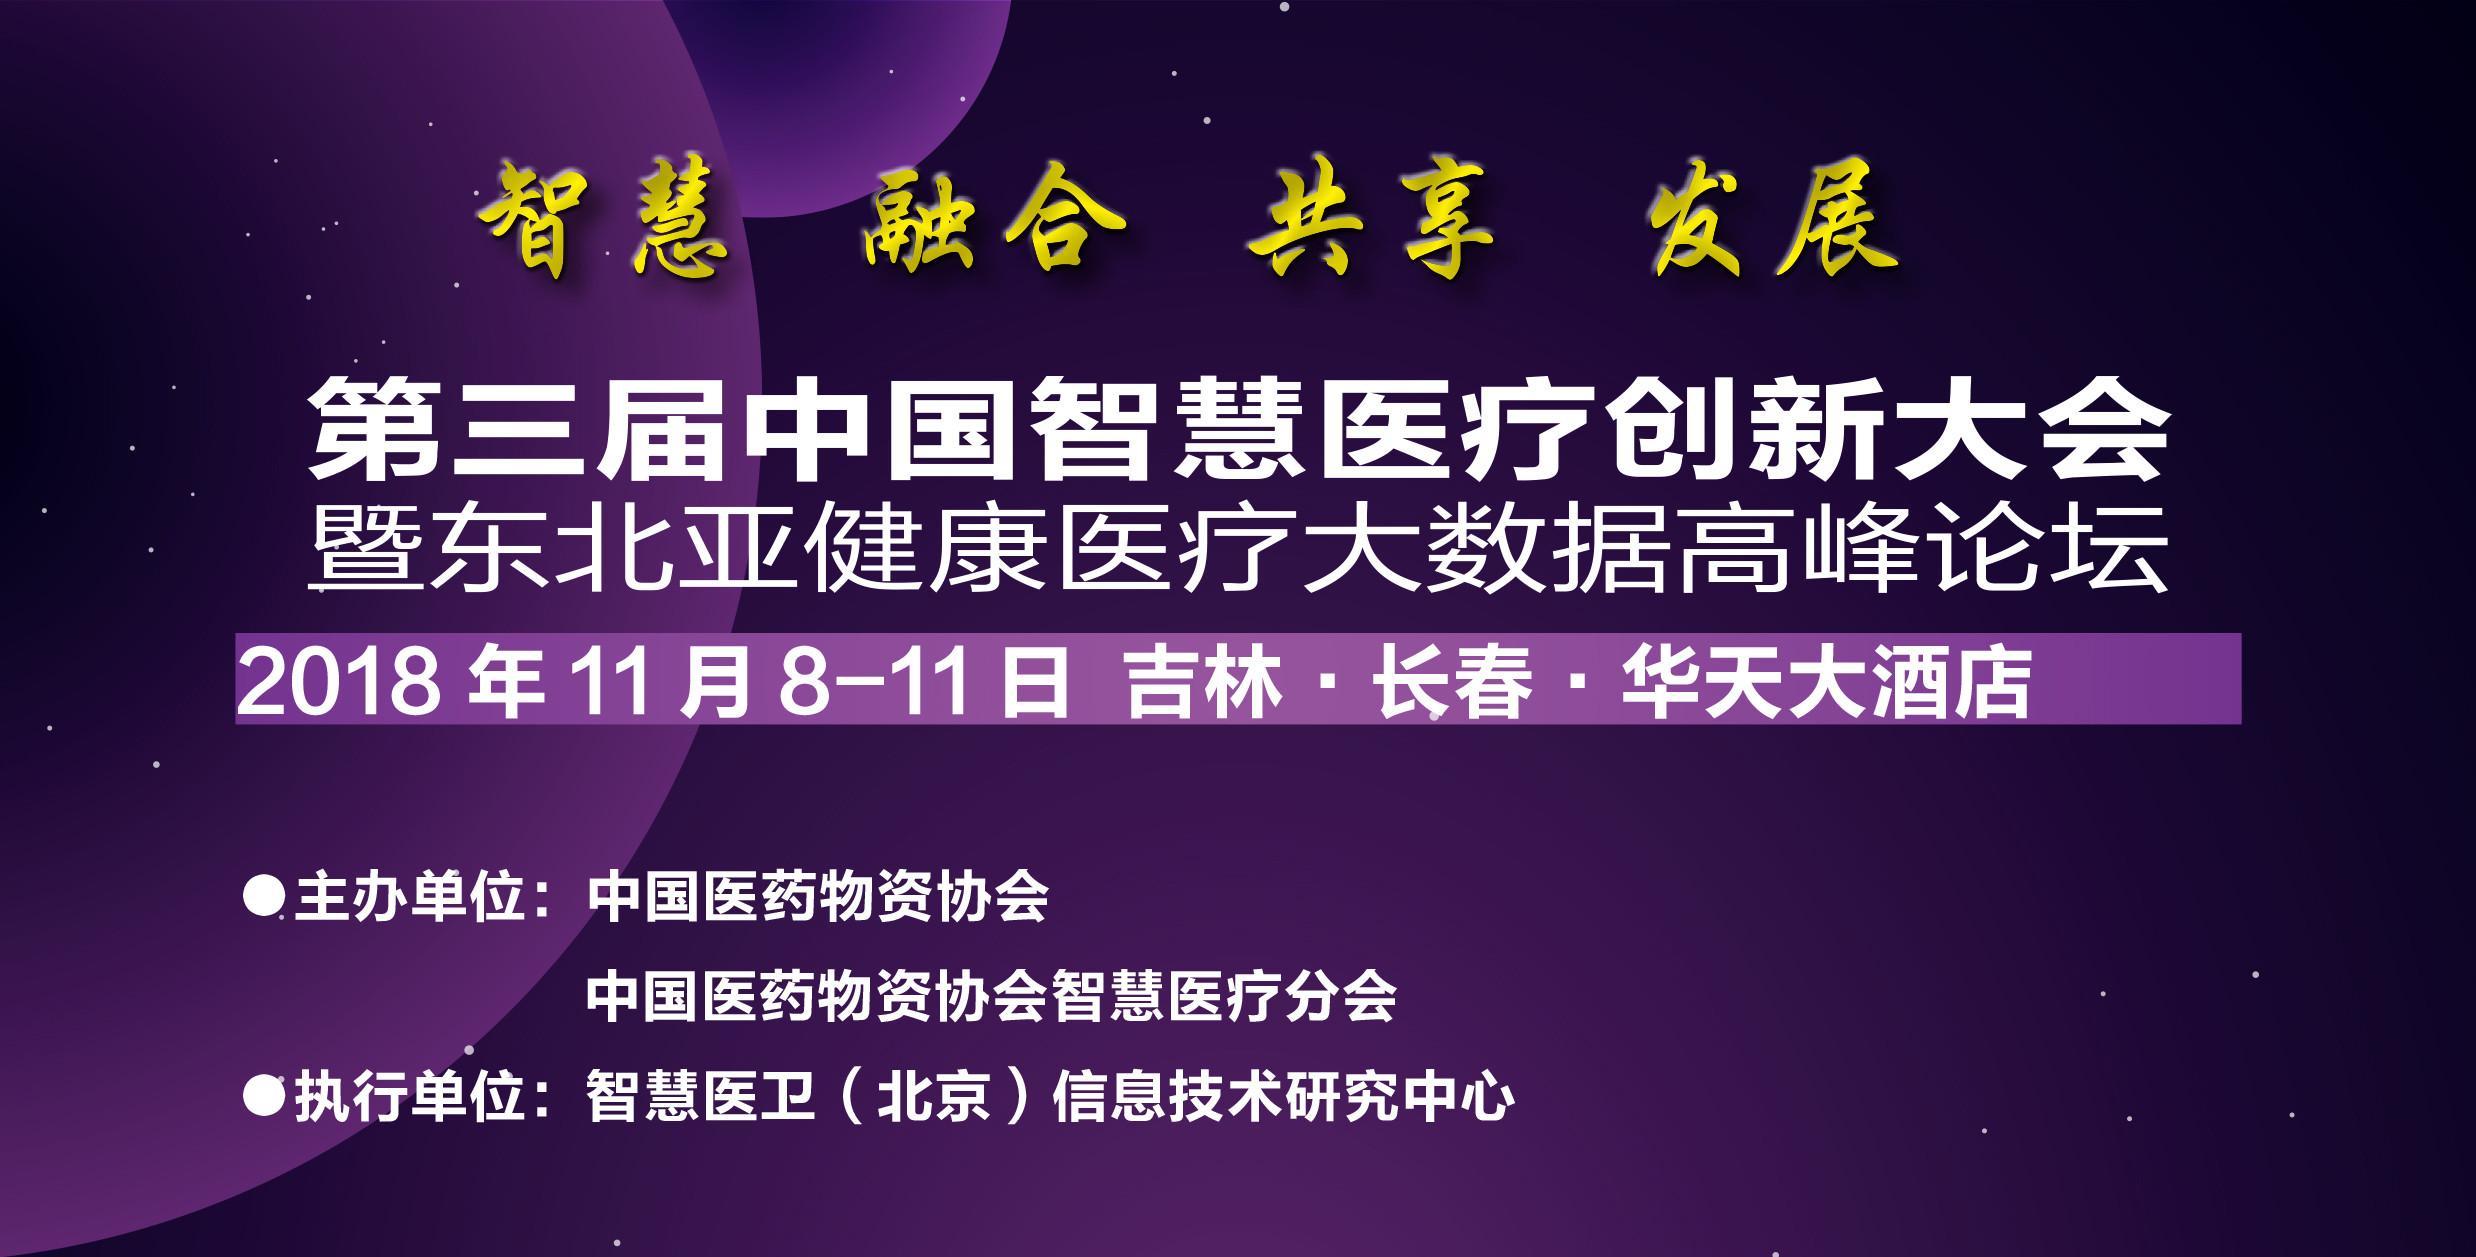 第三届中国智慧医疗创新大会2018暨东北亚健康医疗大数据高峰论坛